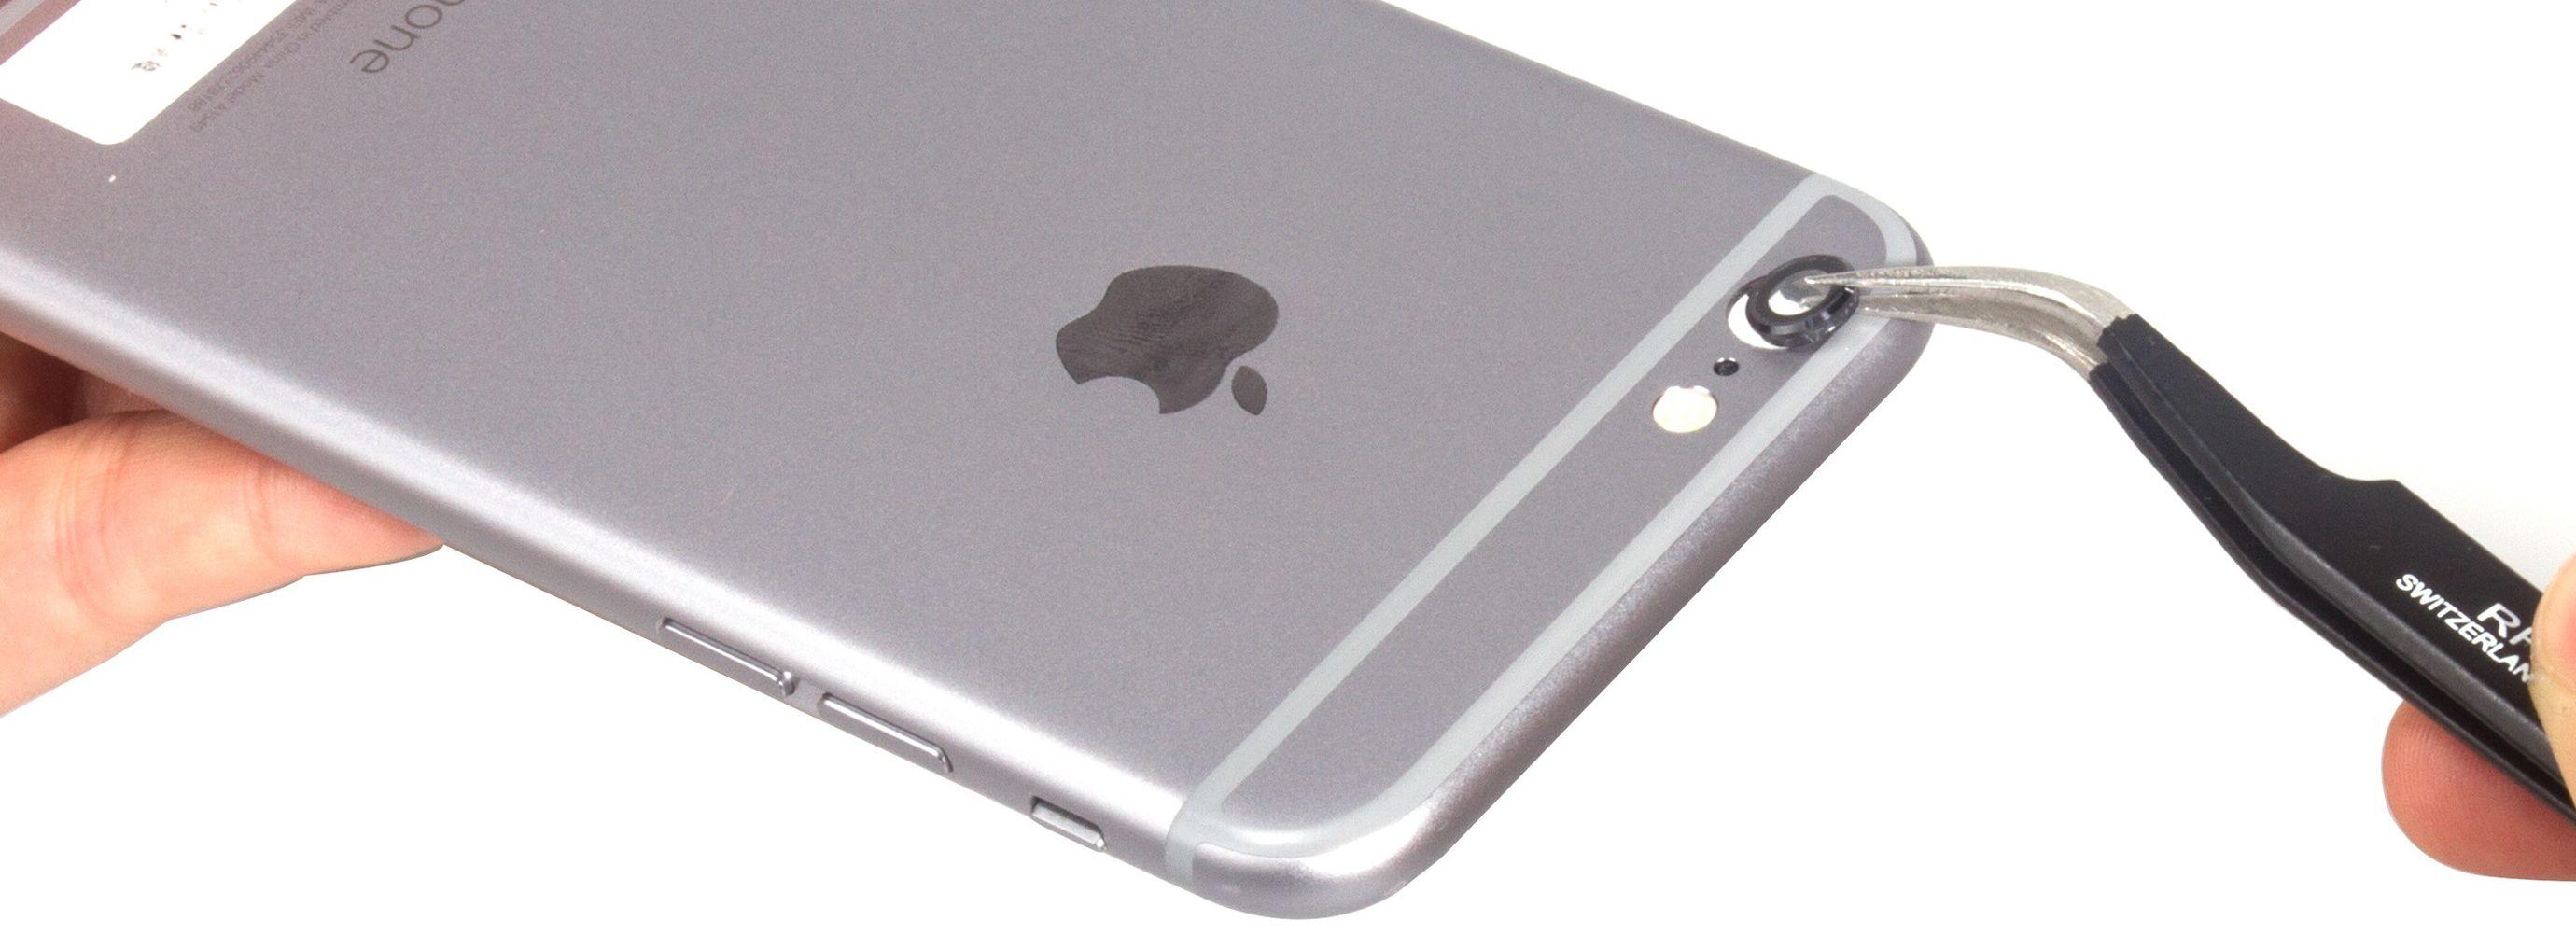 iPhone 6S z uszkodzonym aparatem fotograficznym